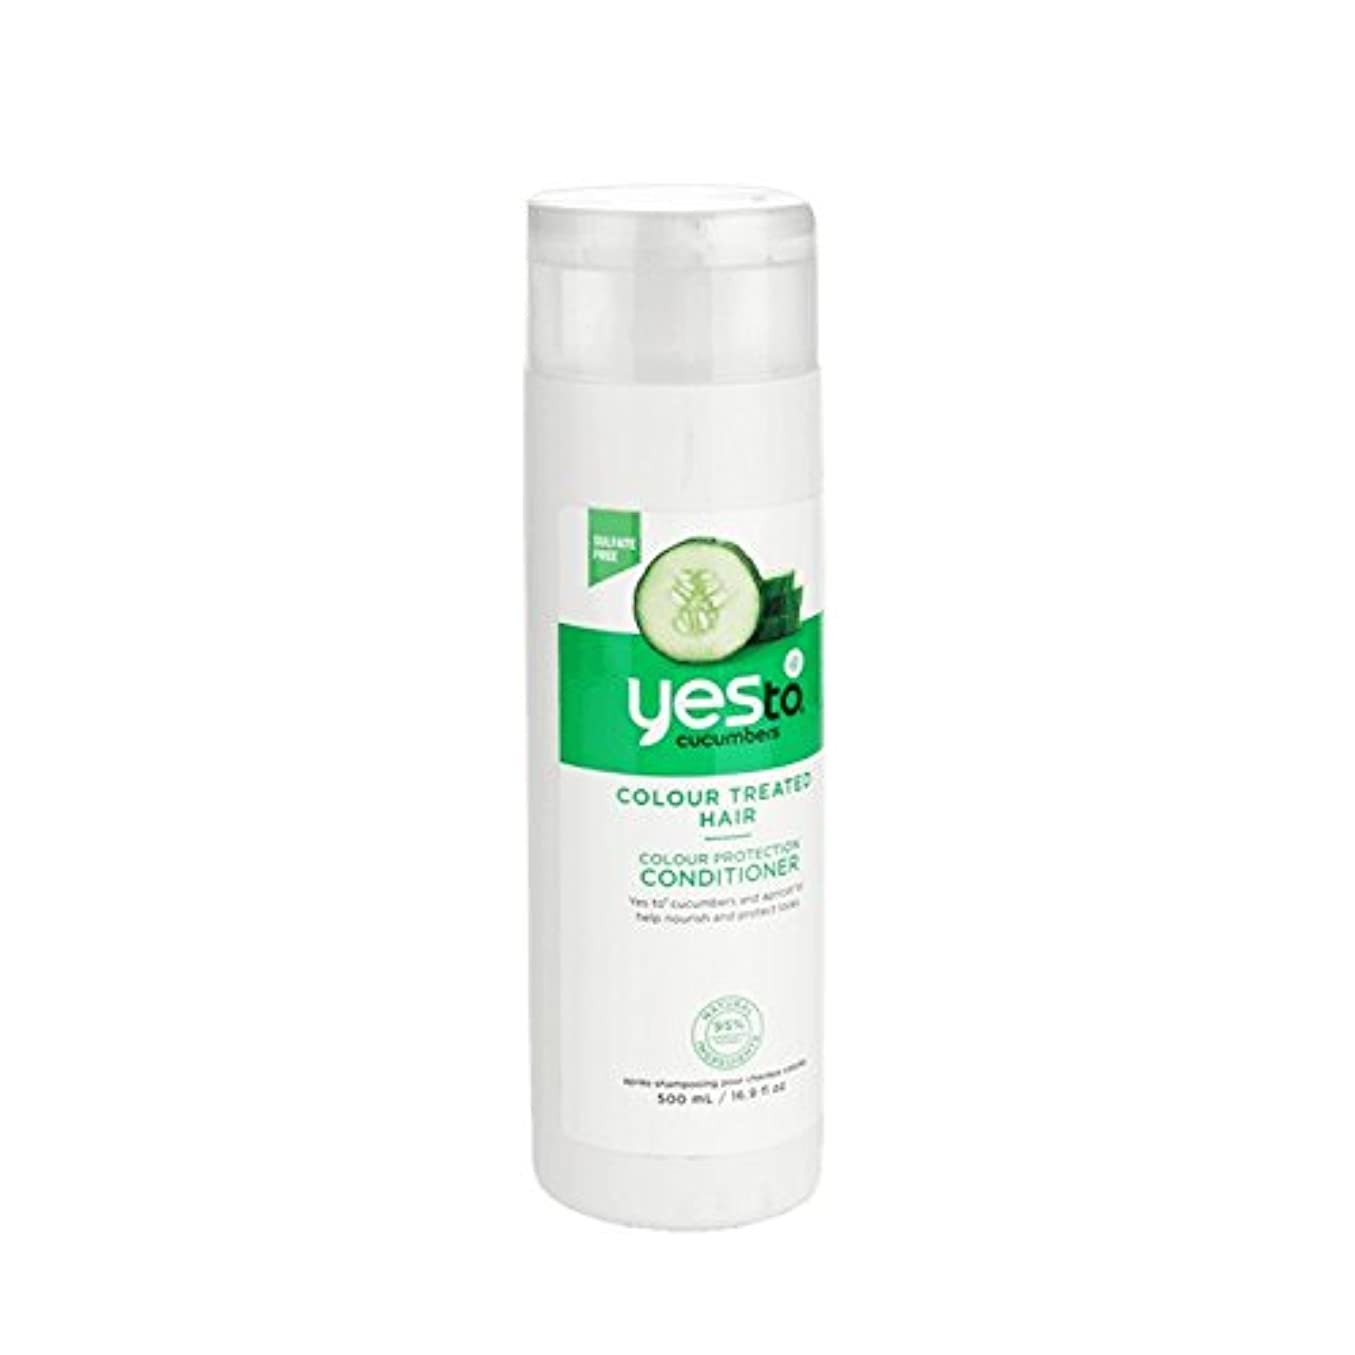 ドラム振幅ラダはいキュウリの色の保護コンディショナー500ミリリットルへ - Yes To Cucumbers Colour Protection Conditioner 500ml (Yes To) [並行輸入品]